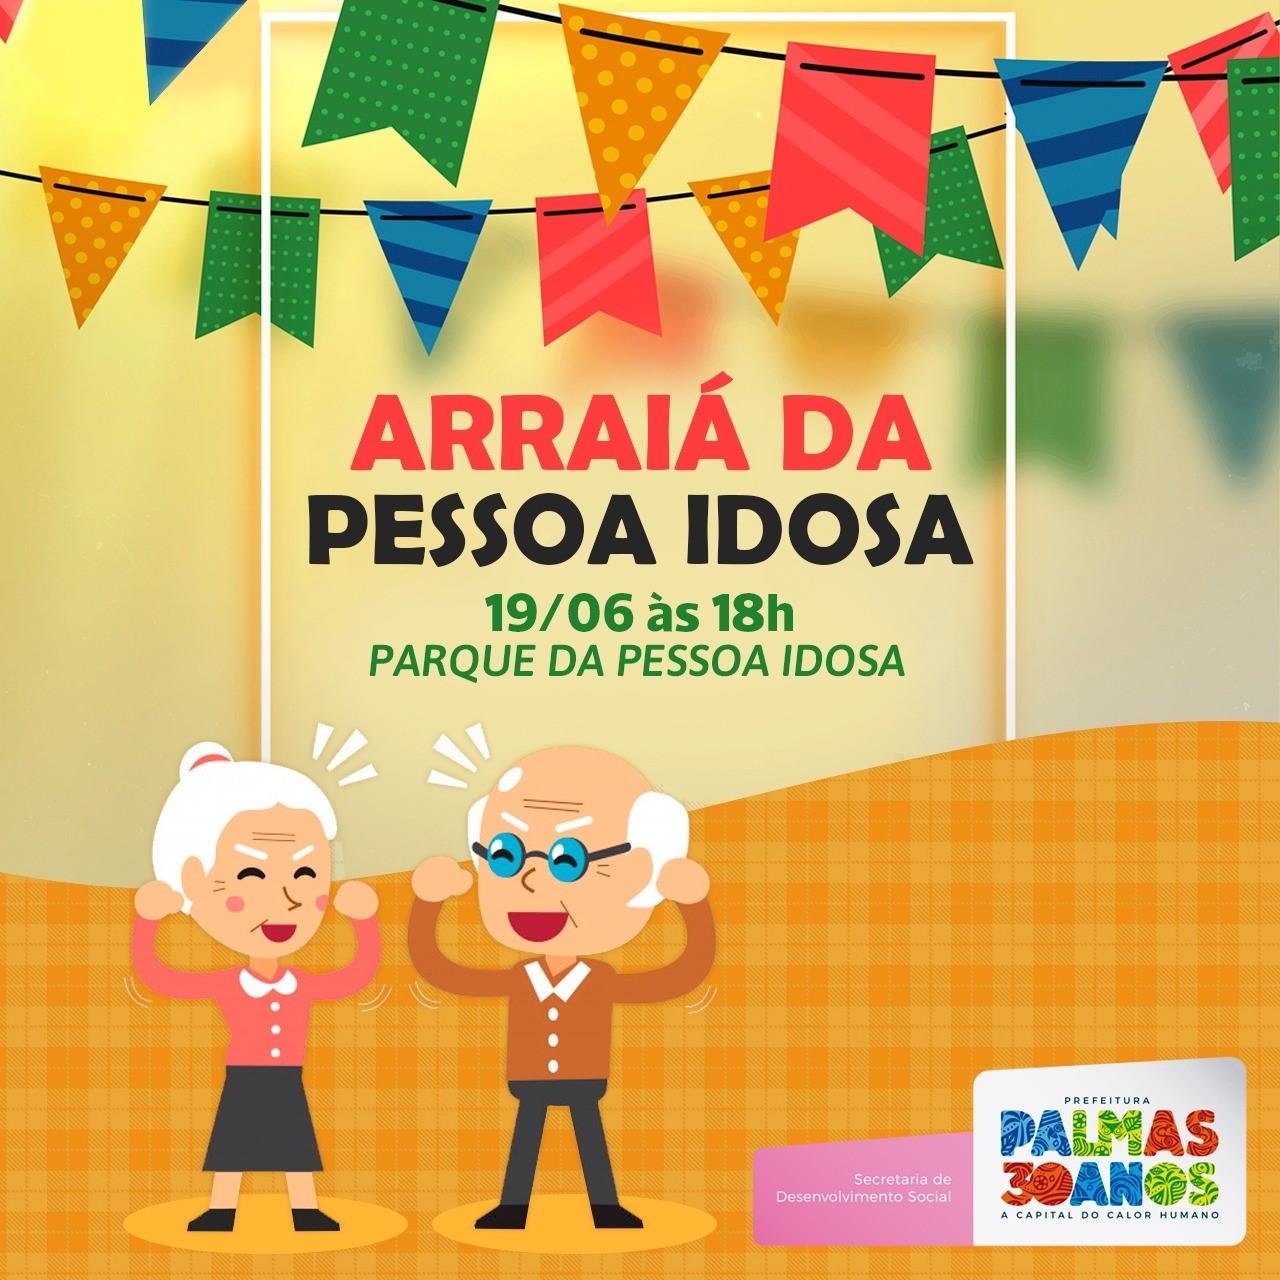 Prefeitura de Palmas promove Arraiá da Pessoa Idosa com grande festa junina no Parque